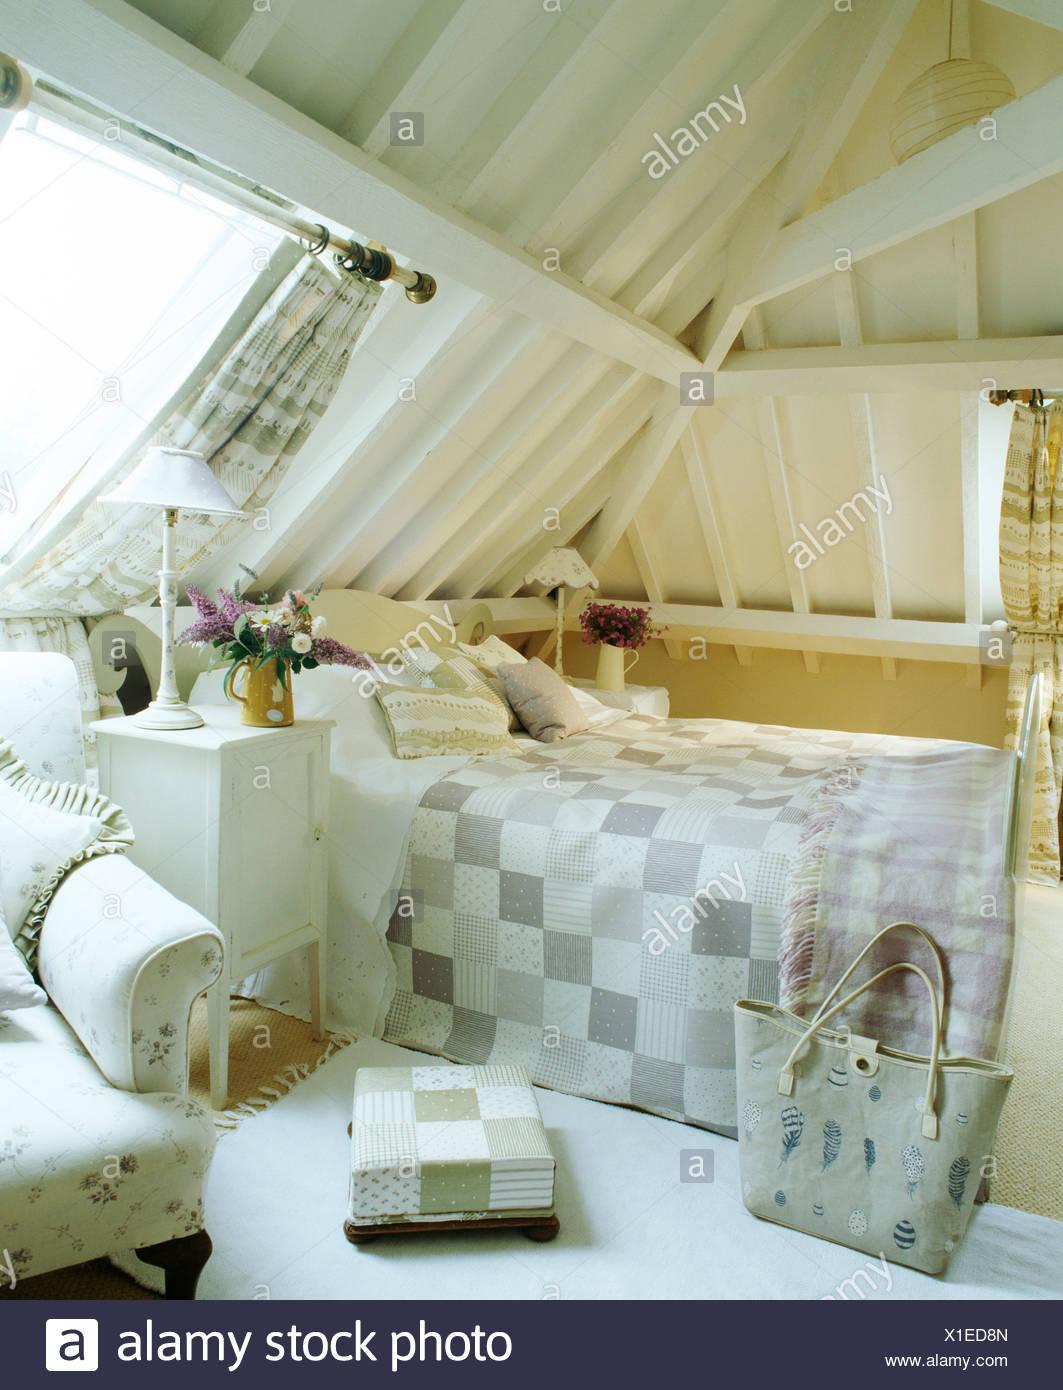 Poutres apparentes peintes en blanc et plafond en pente dans la ...